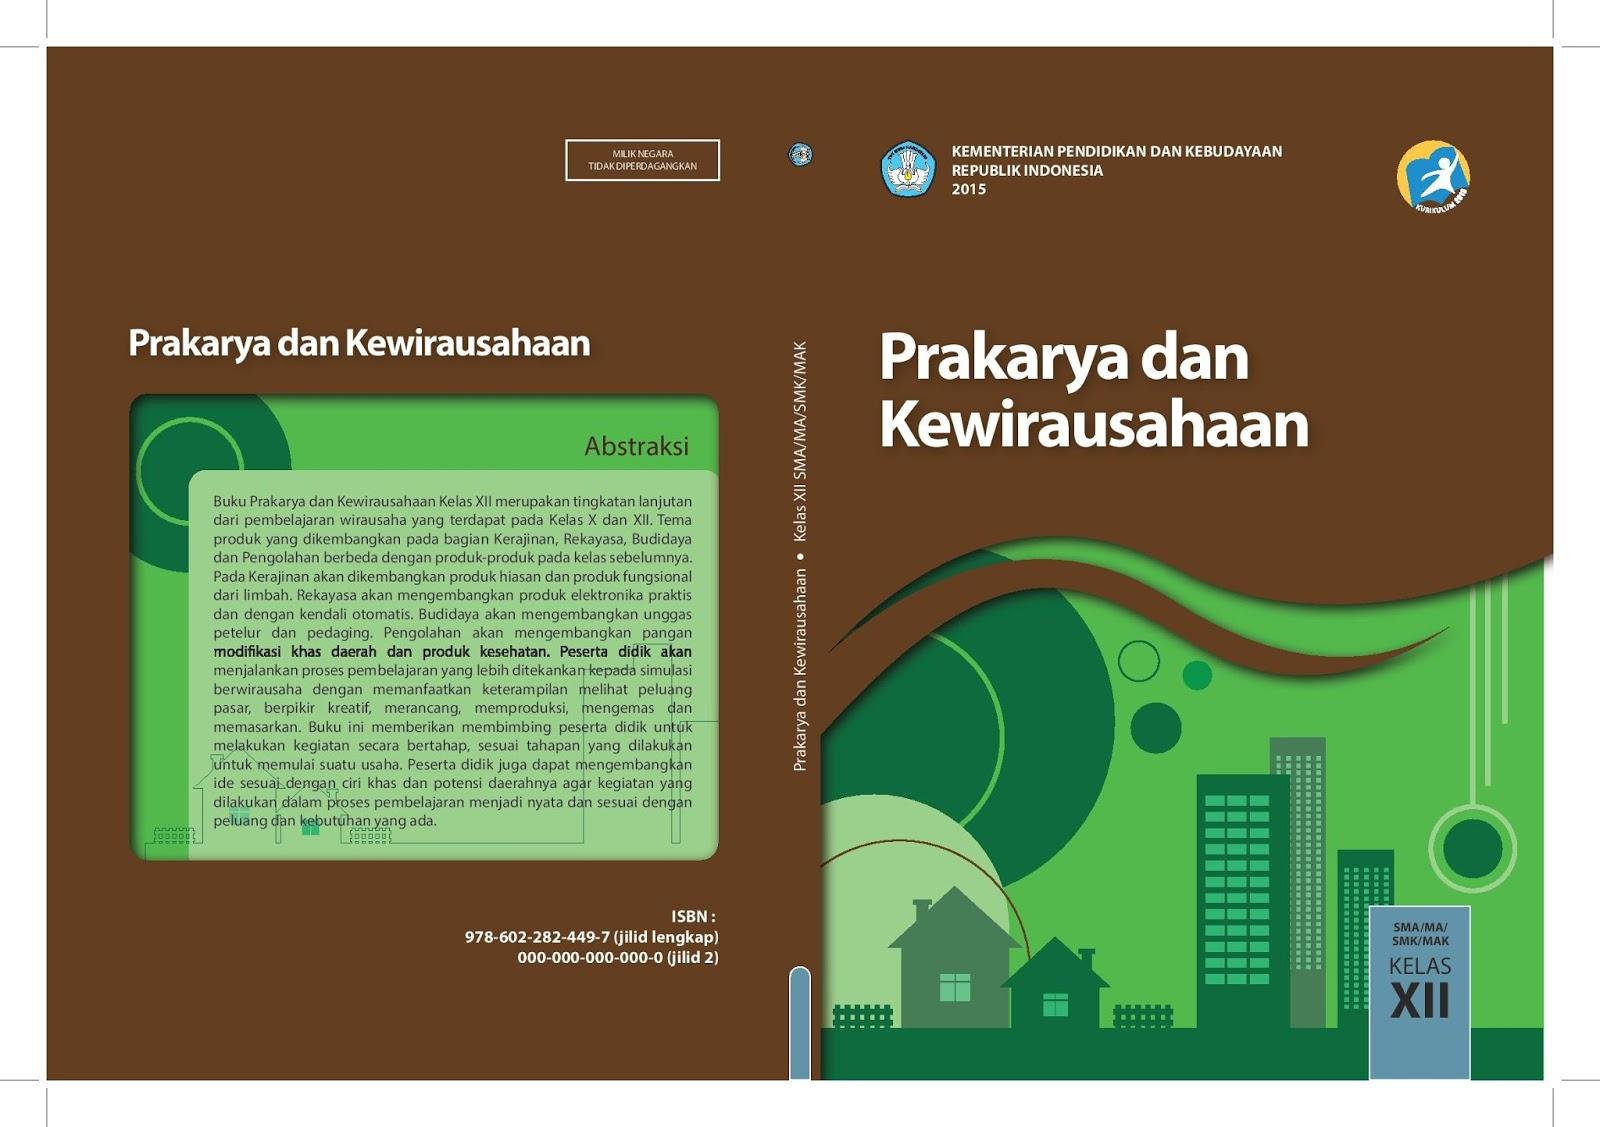 Download Prakarya Dan Kewirausahaan Kelas Xii Kurikulum 2013 Buku Guru Dan Buku Siswa Ruang